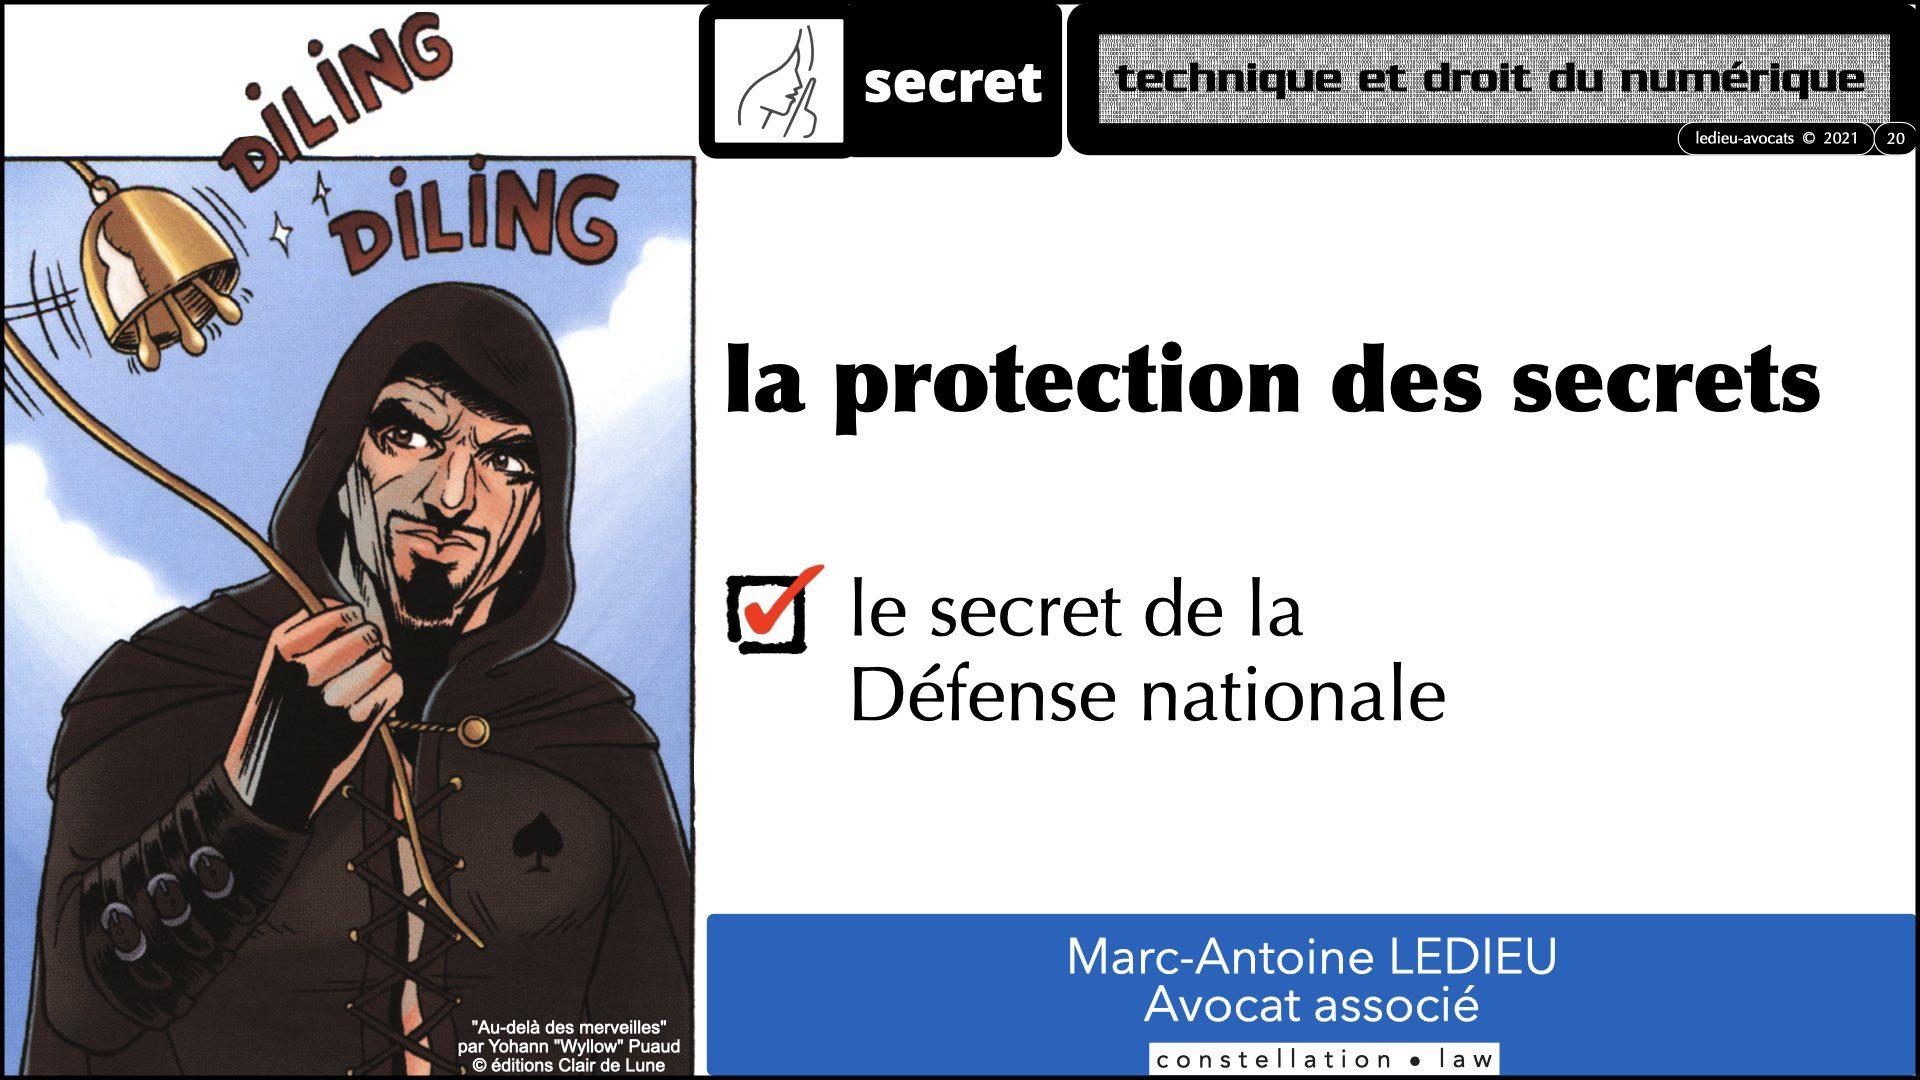 #346 zOOm X'UP SECRET d'affaire confidentialité non disclosure NDA © Ledieu Avocats technique droit numerique BLOG en BD 12-09-2021.020